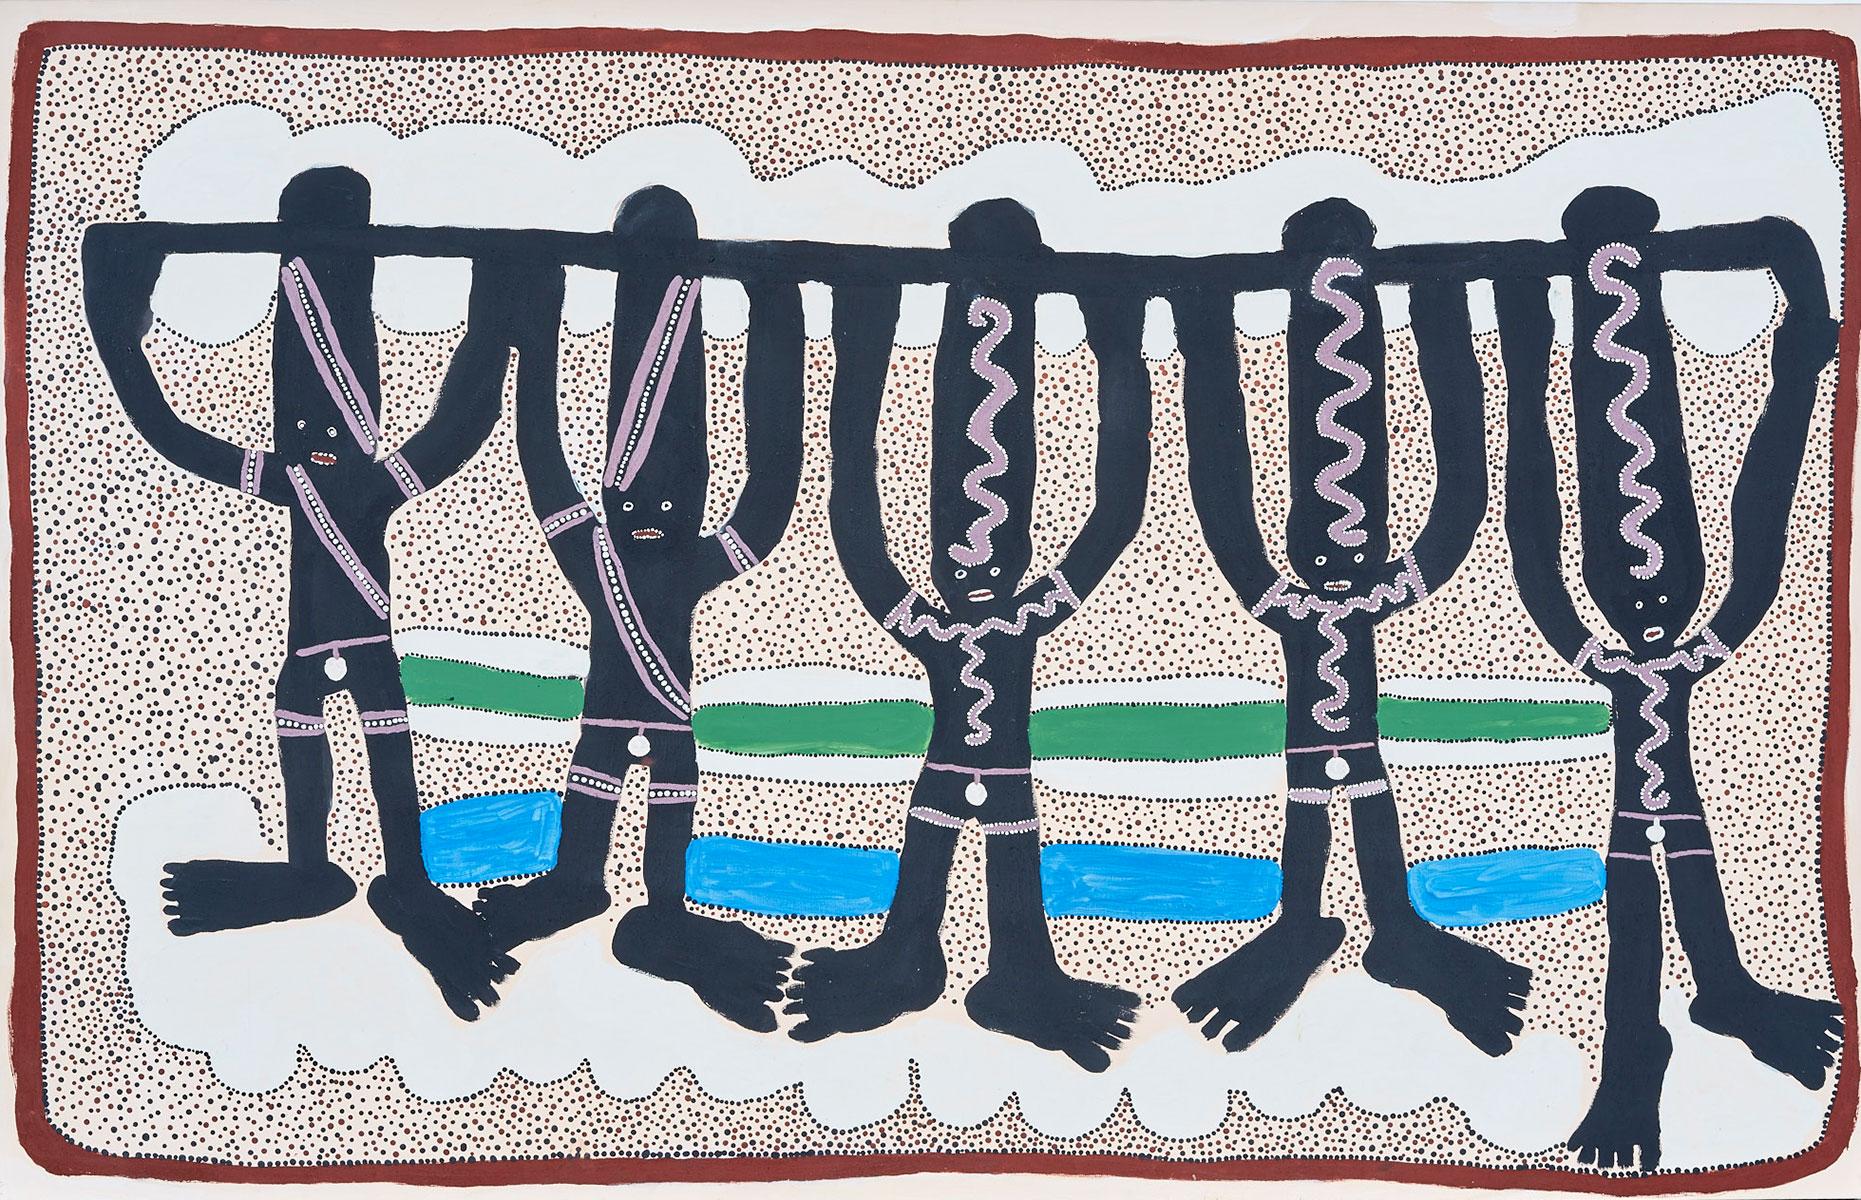 jarinyanu-david-downs-1861x1200.jpg